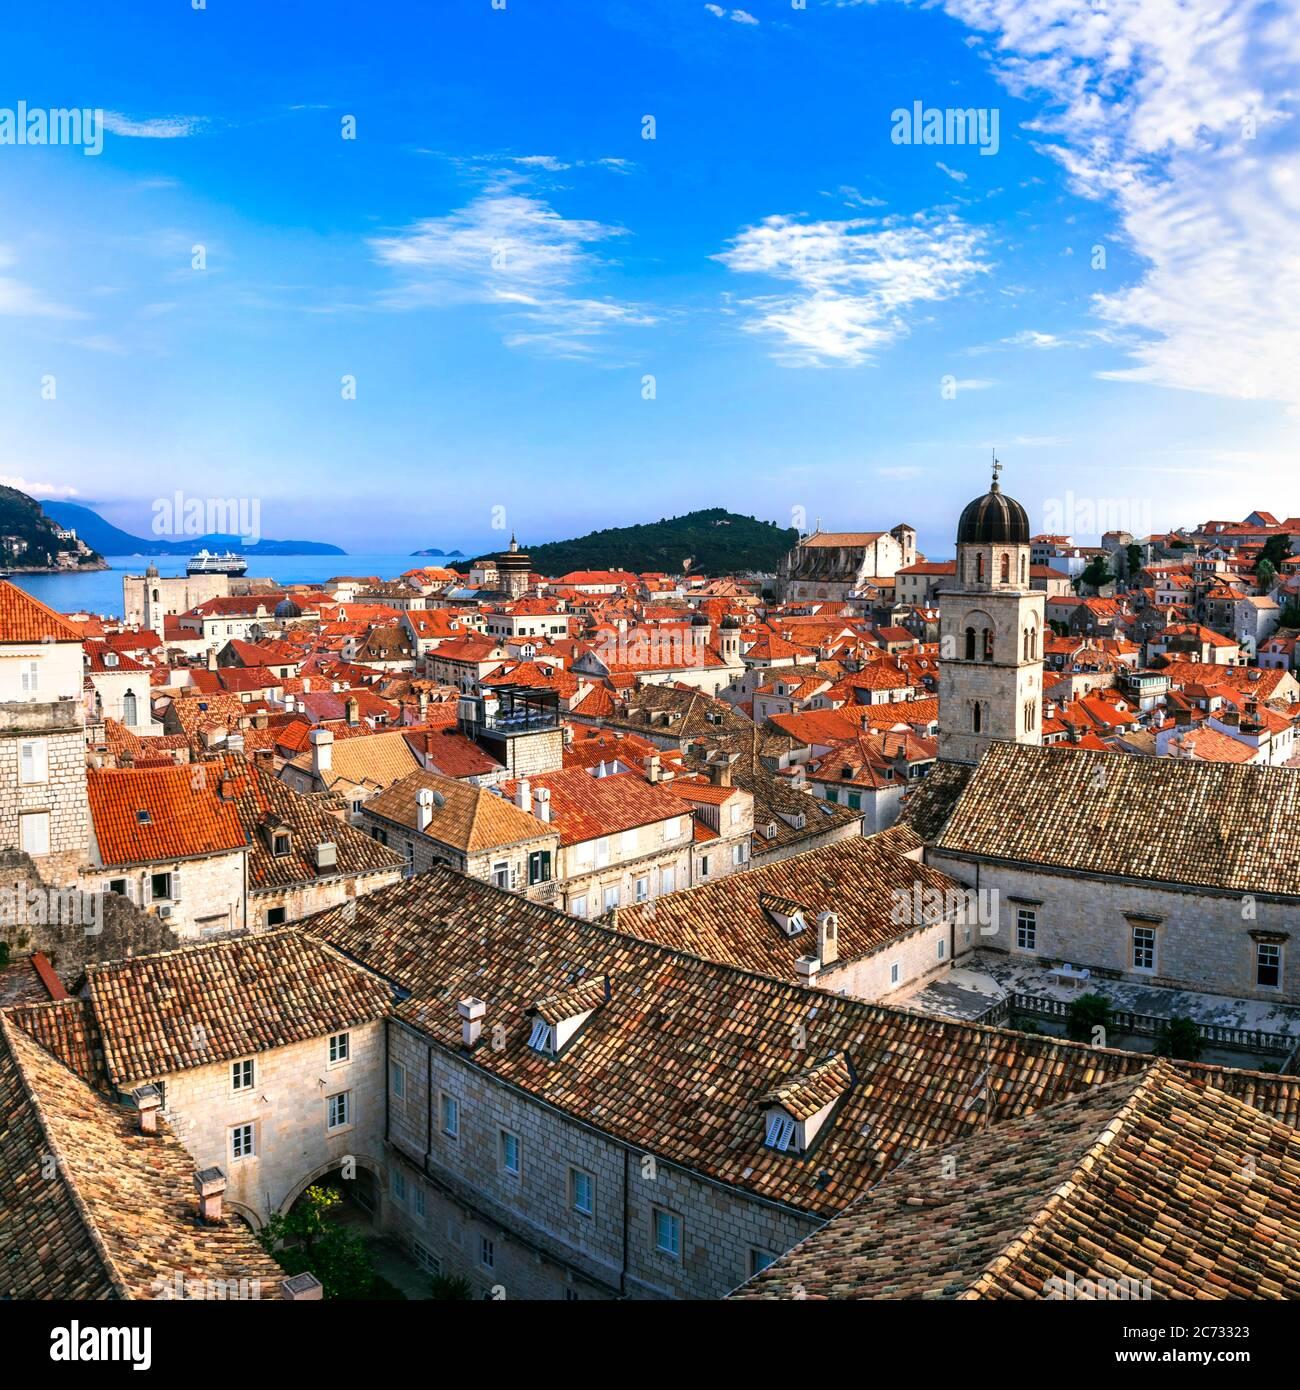 Croazia viaggio. Dubrovnik. Vista dalle mura della città nel centro storico della città Foto Stock